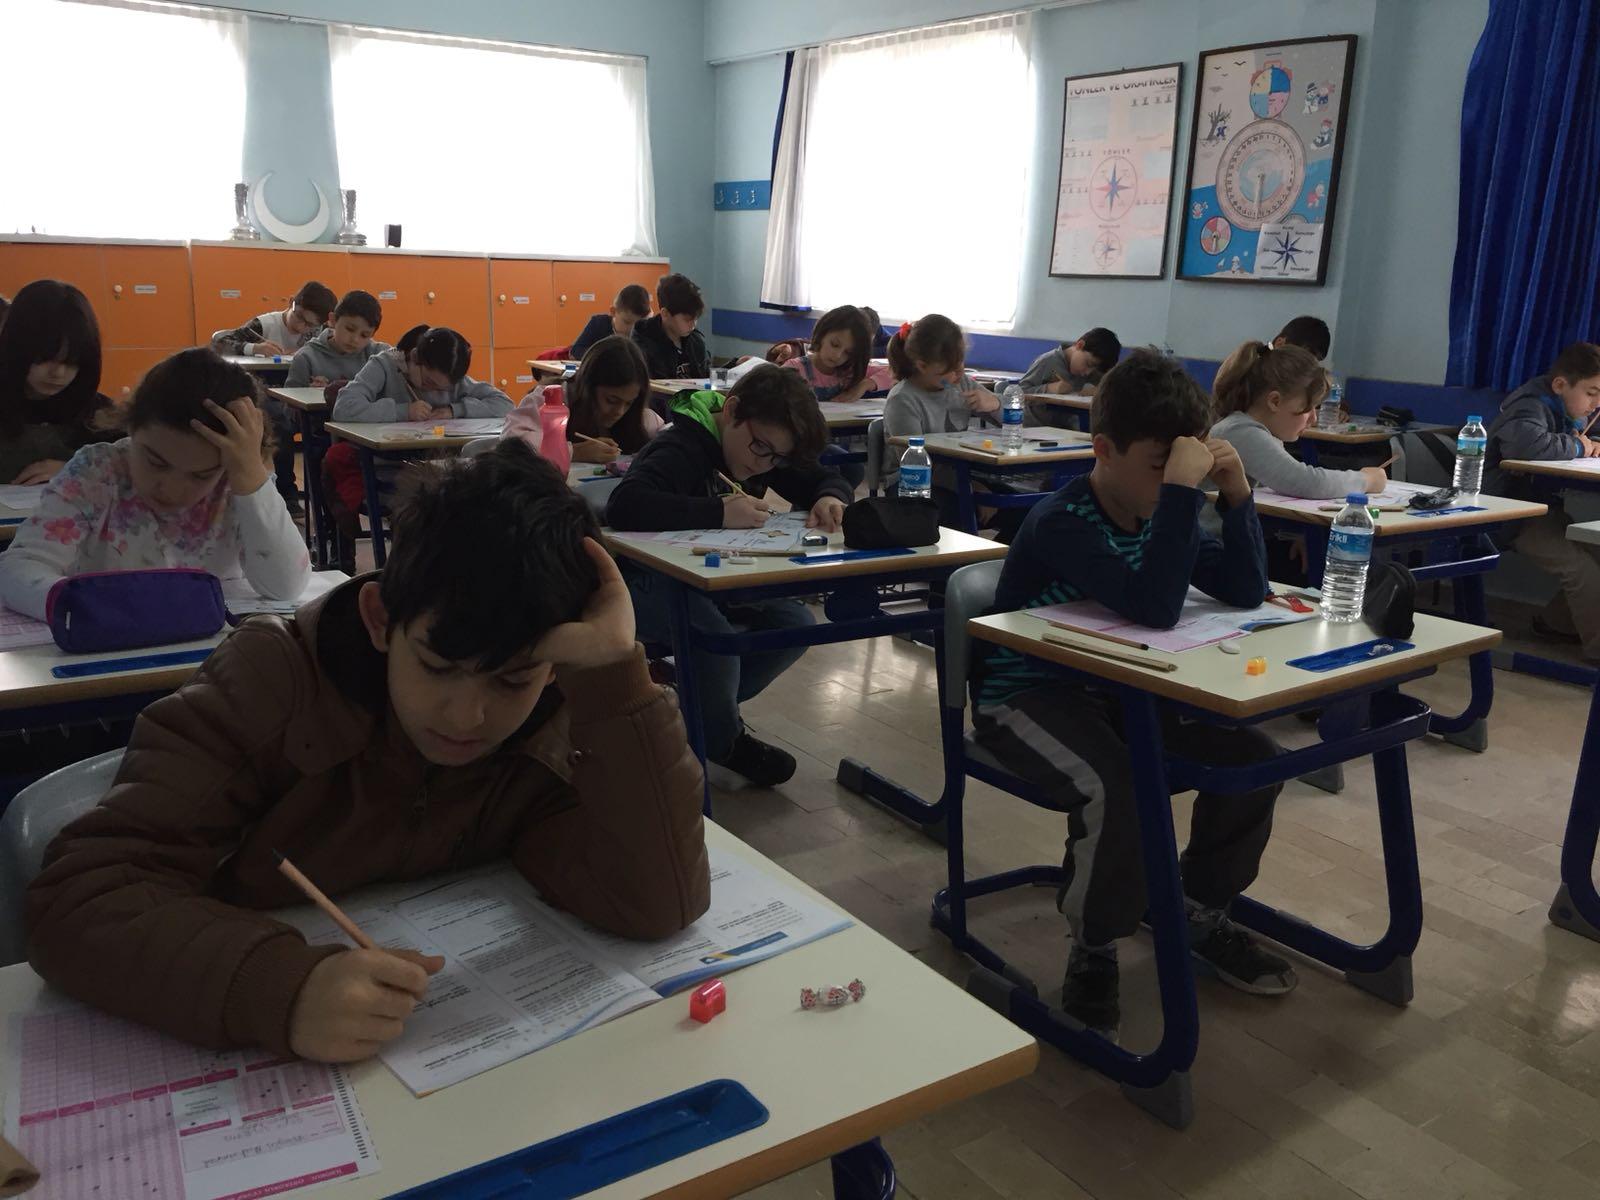 Bursluluk Sınavımızı heyecan ve yoğun bir katılımla gerçekleştirdik.